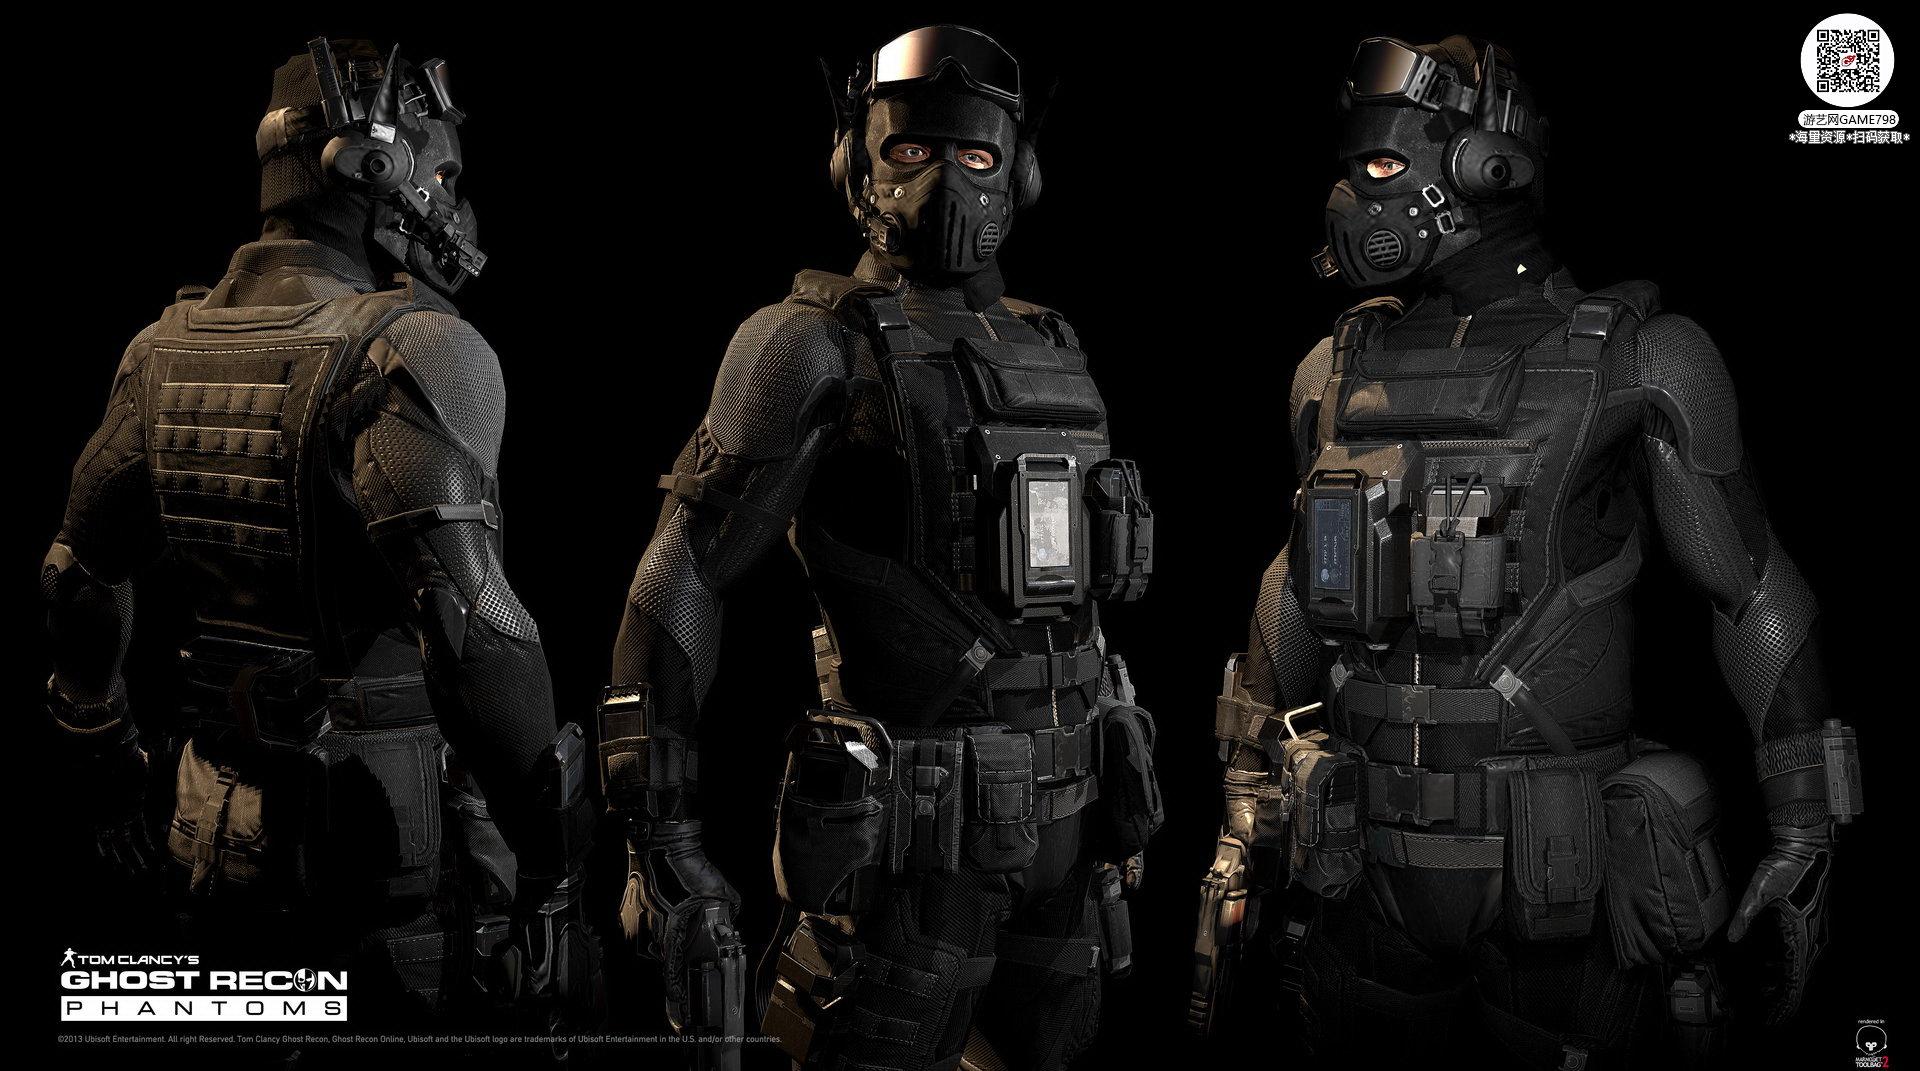 015_关注游艺网公众号获海量资源_幽灵行动未来战士次世代游戏3D模型参考原画概念设定.jpg